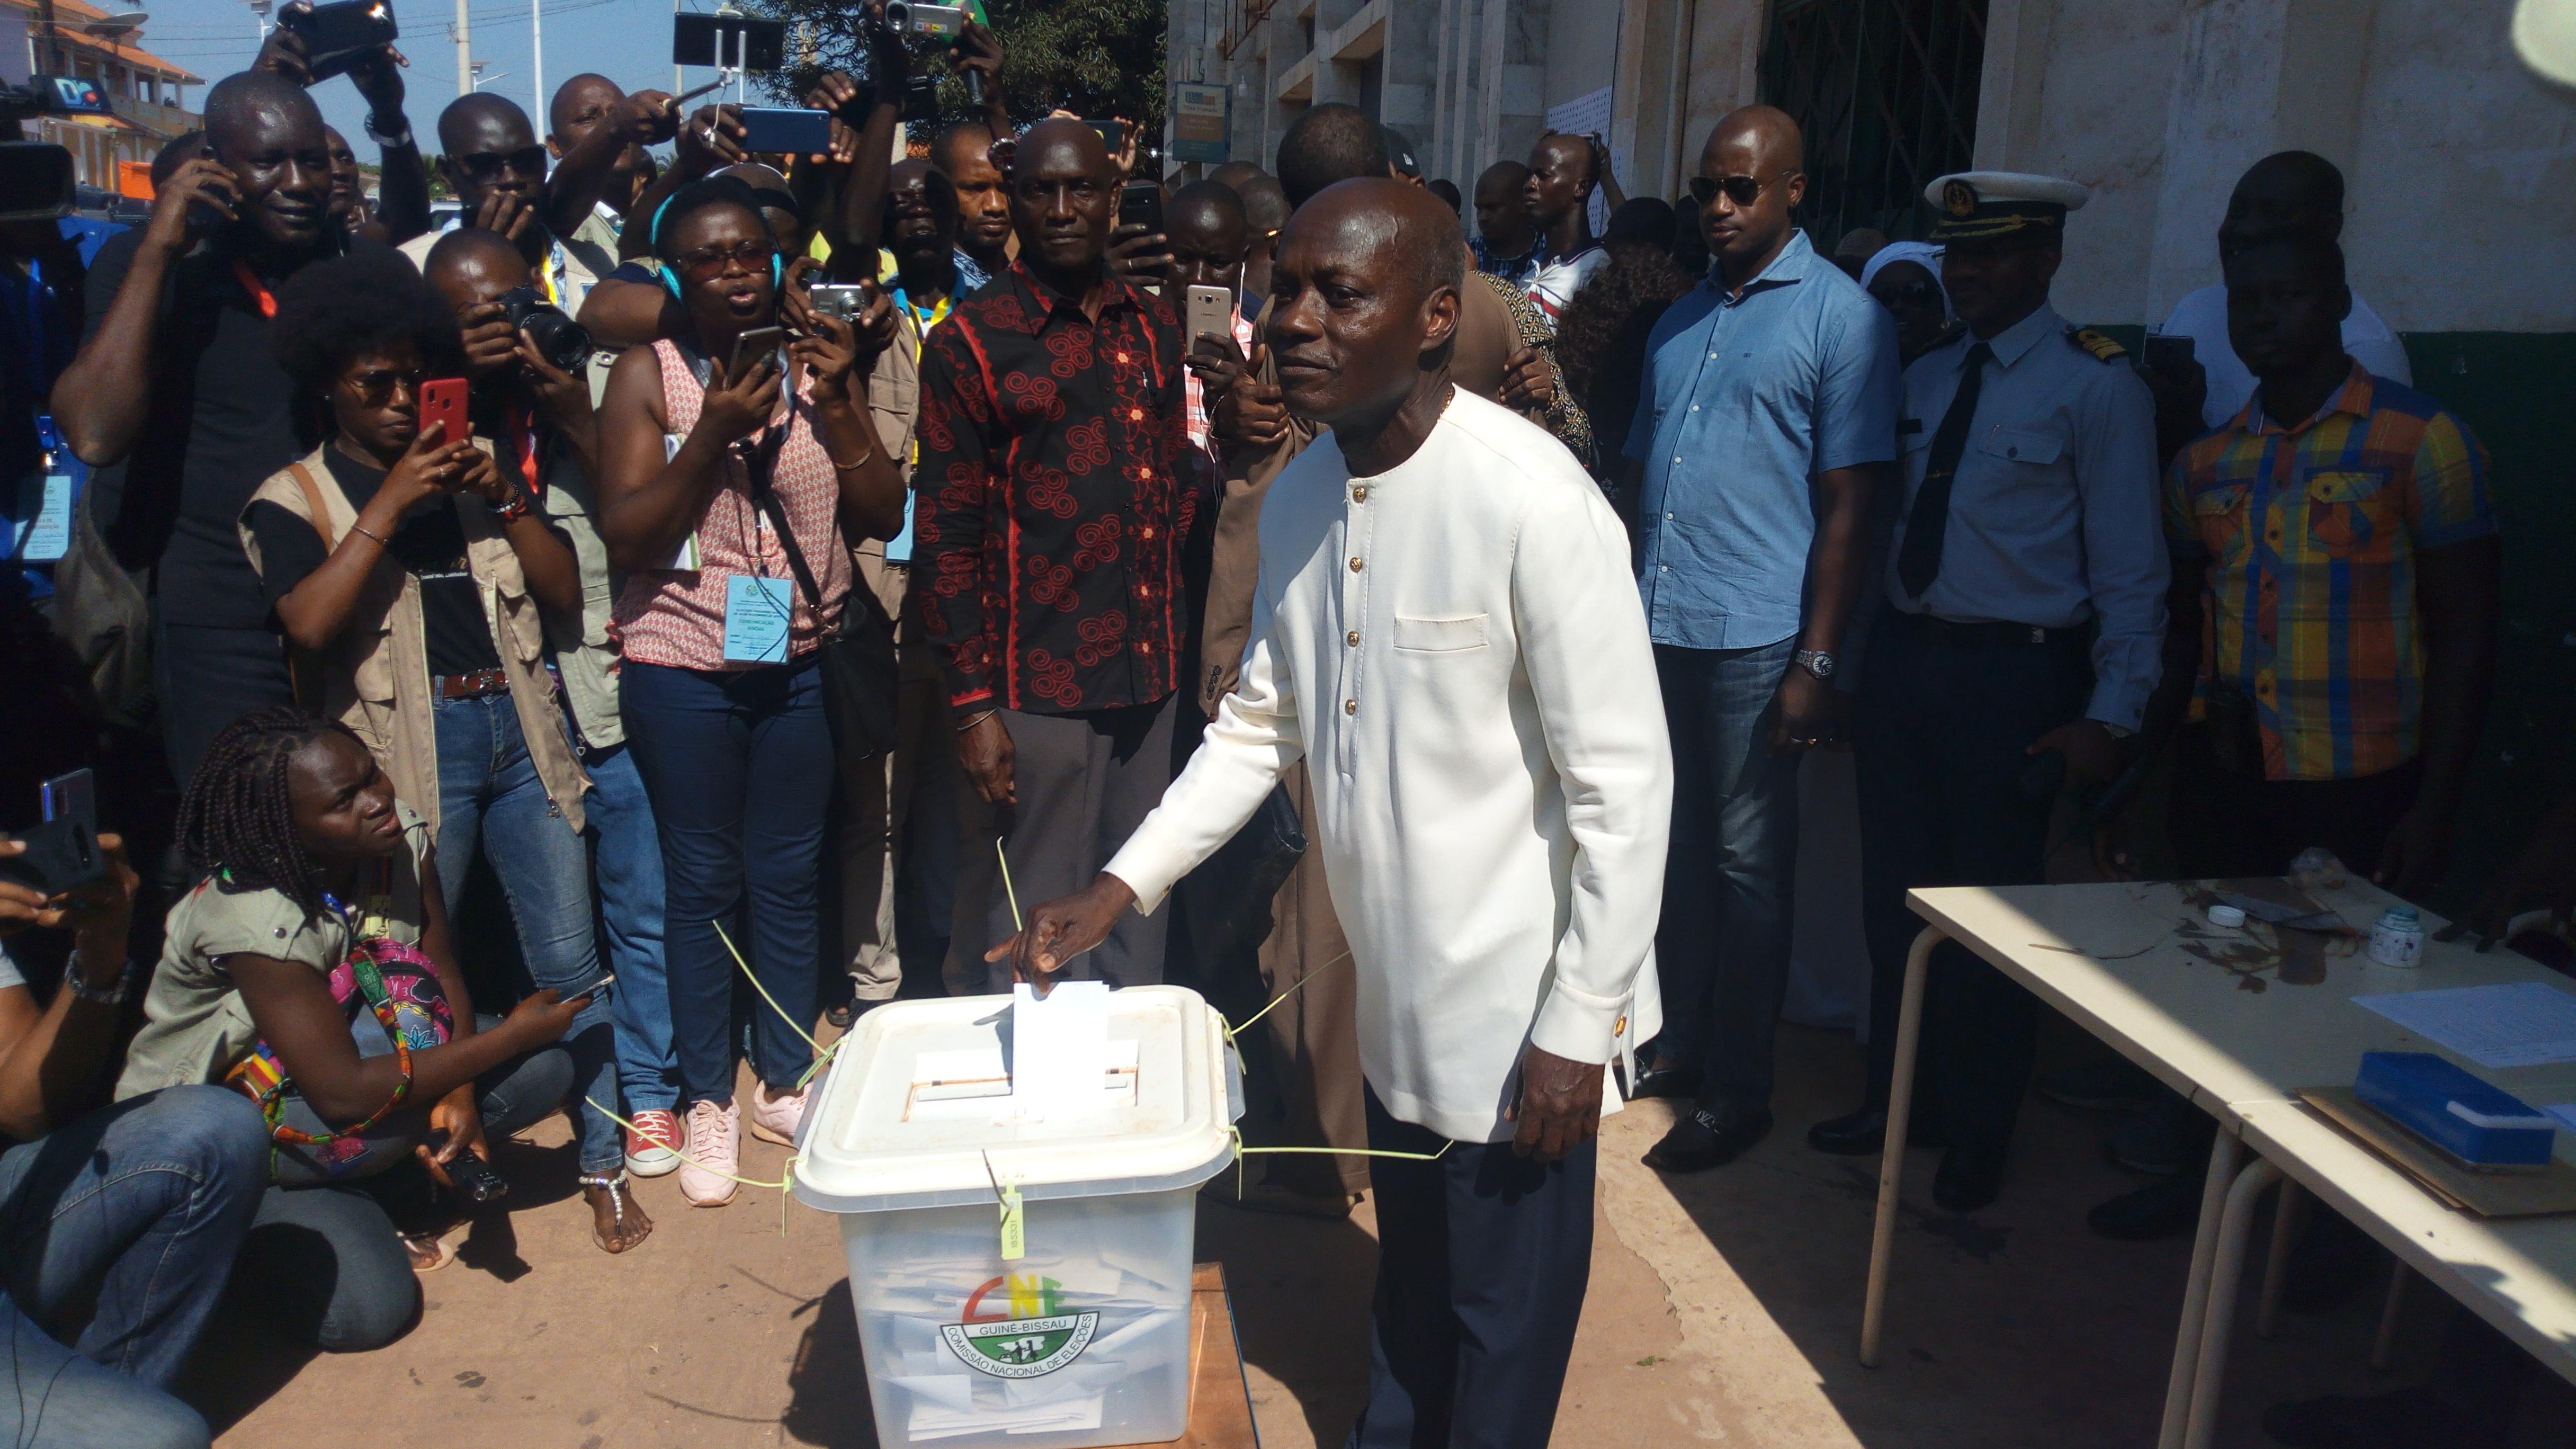 Scrutin présidentiel  en Guinée Bissau: Le président Vaz a voté à Udib et s'est encore attaqué à la communauté internationale.